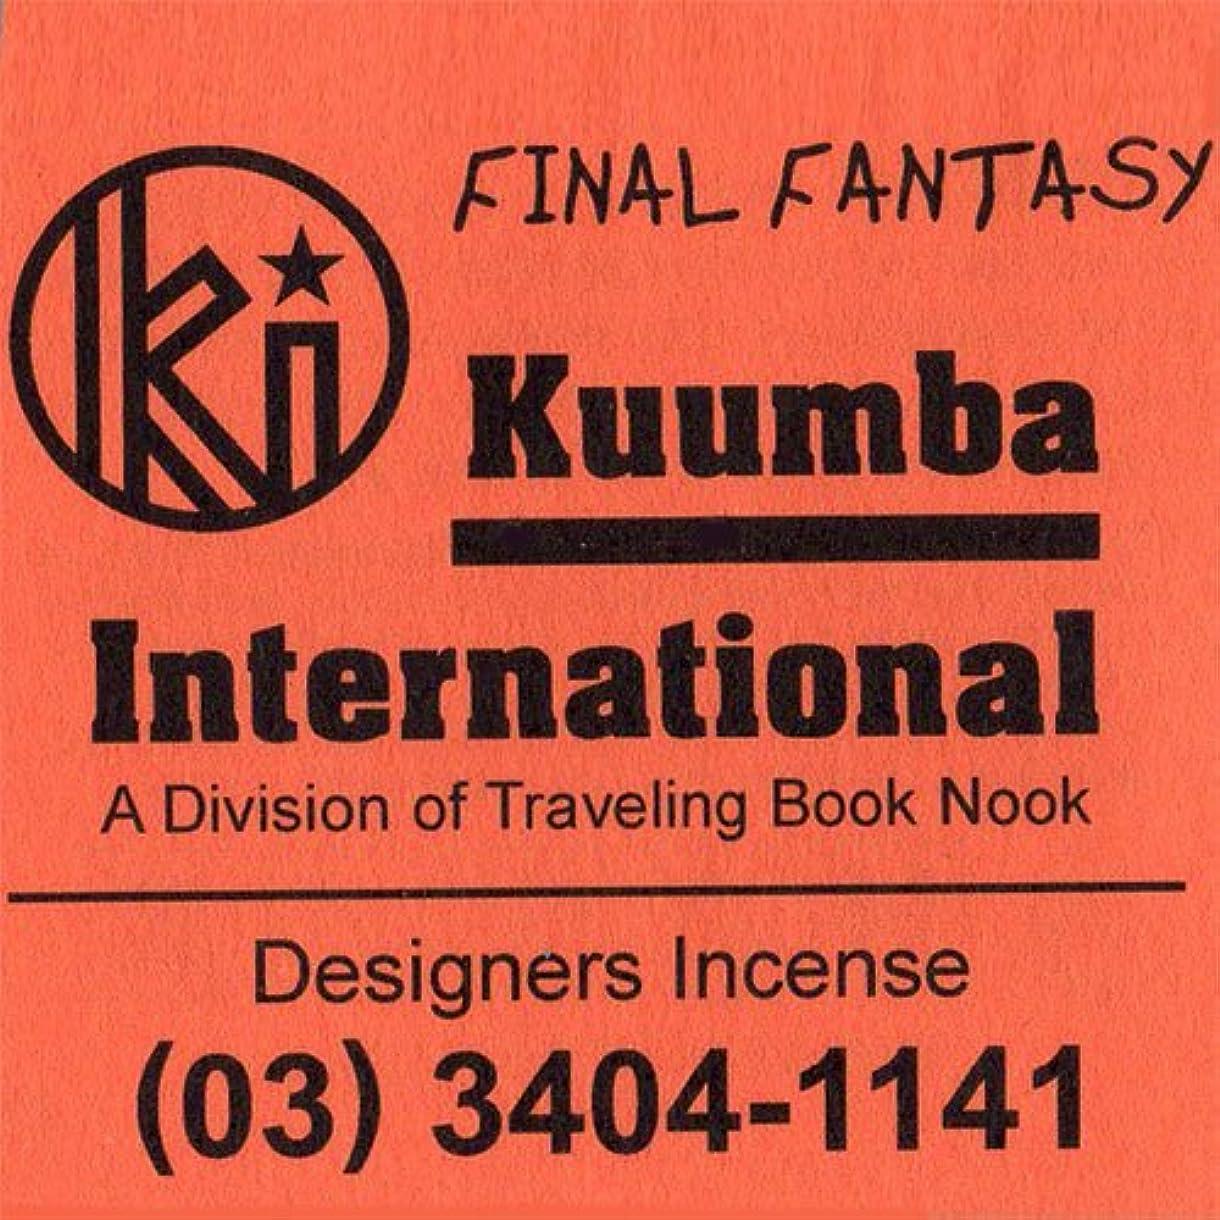 蒸発頭警察署KUUMBA/クンバ『incense』(FINAL FANTASY) (Regular size)